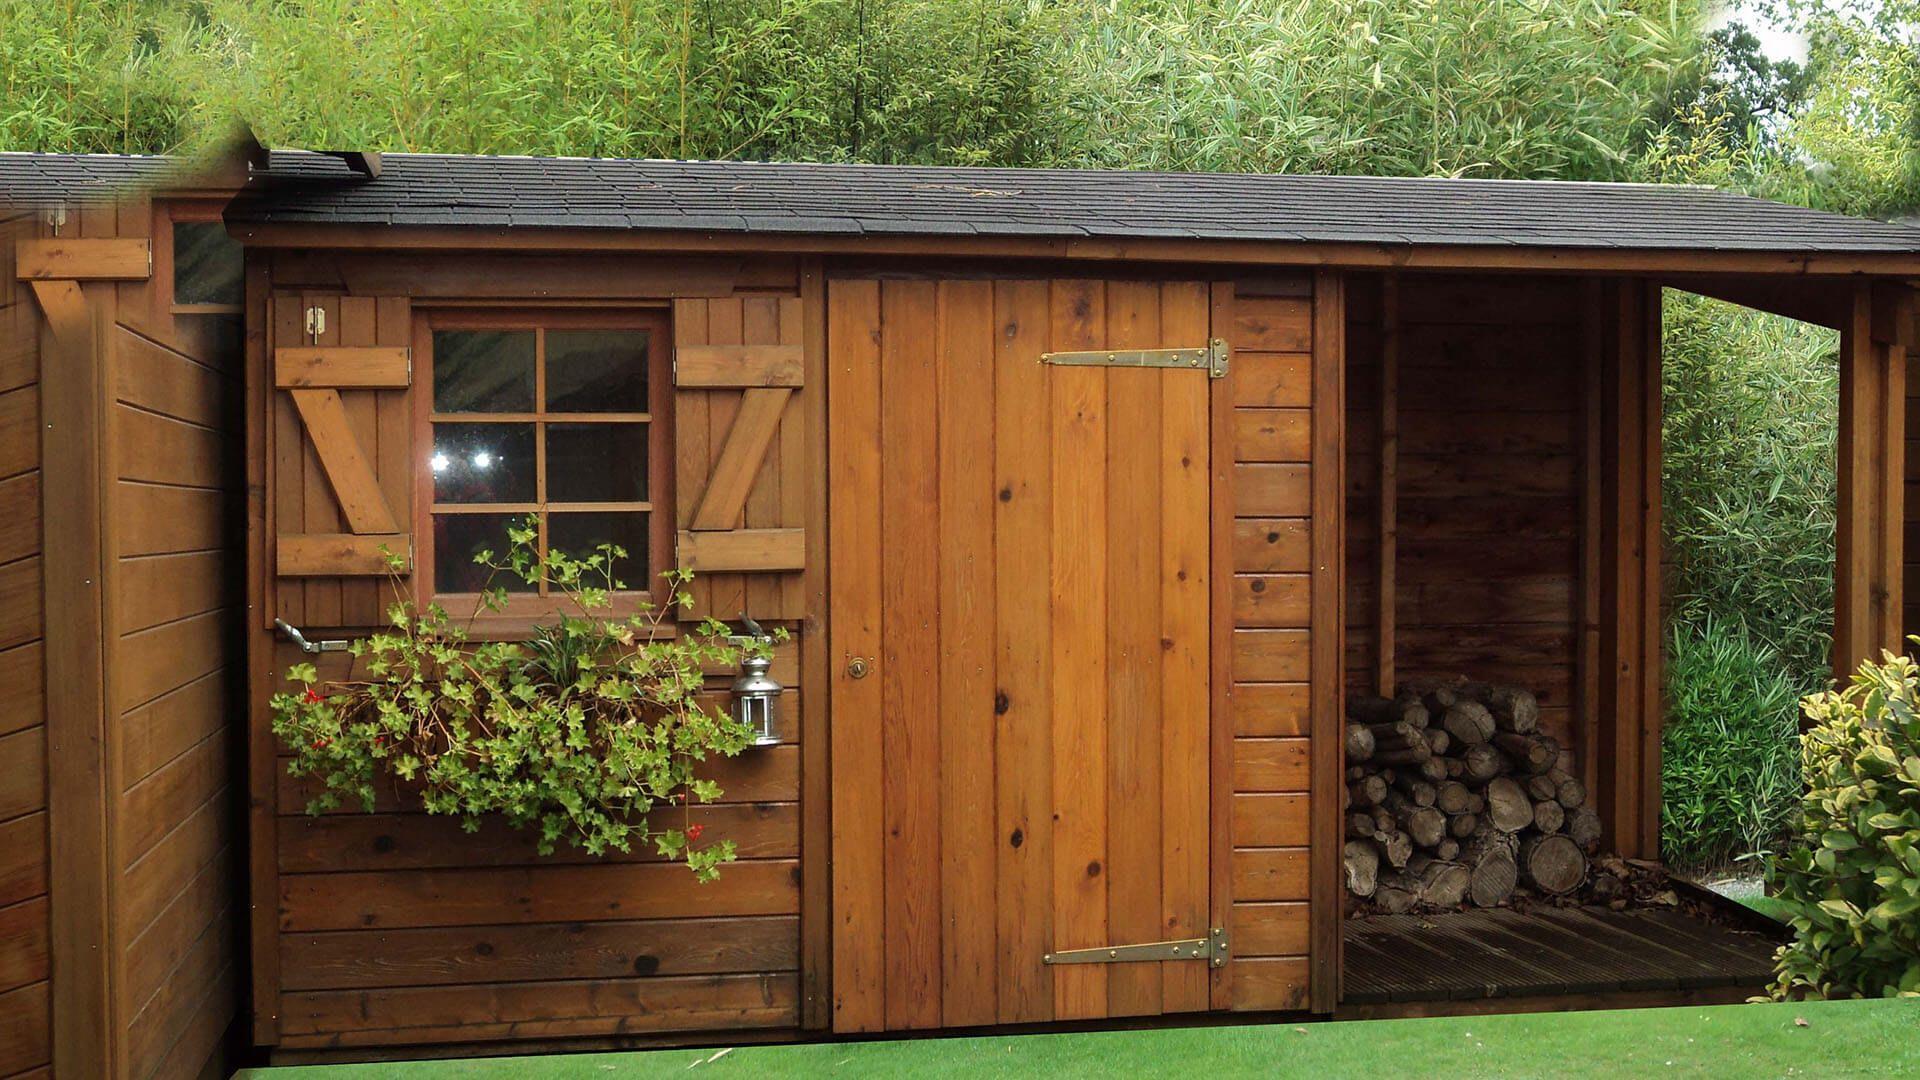 Que Diriez-Vous D'un Abri De Jardin Une Pente Pour Stocker ... encequiconcerne Construction Abri De Jardin En Bois